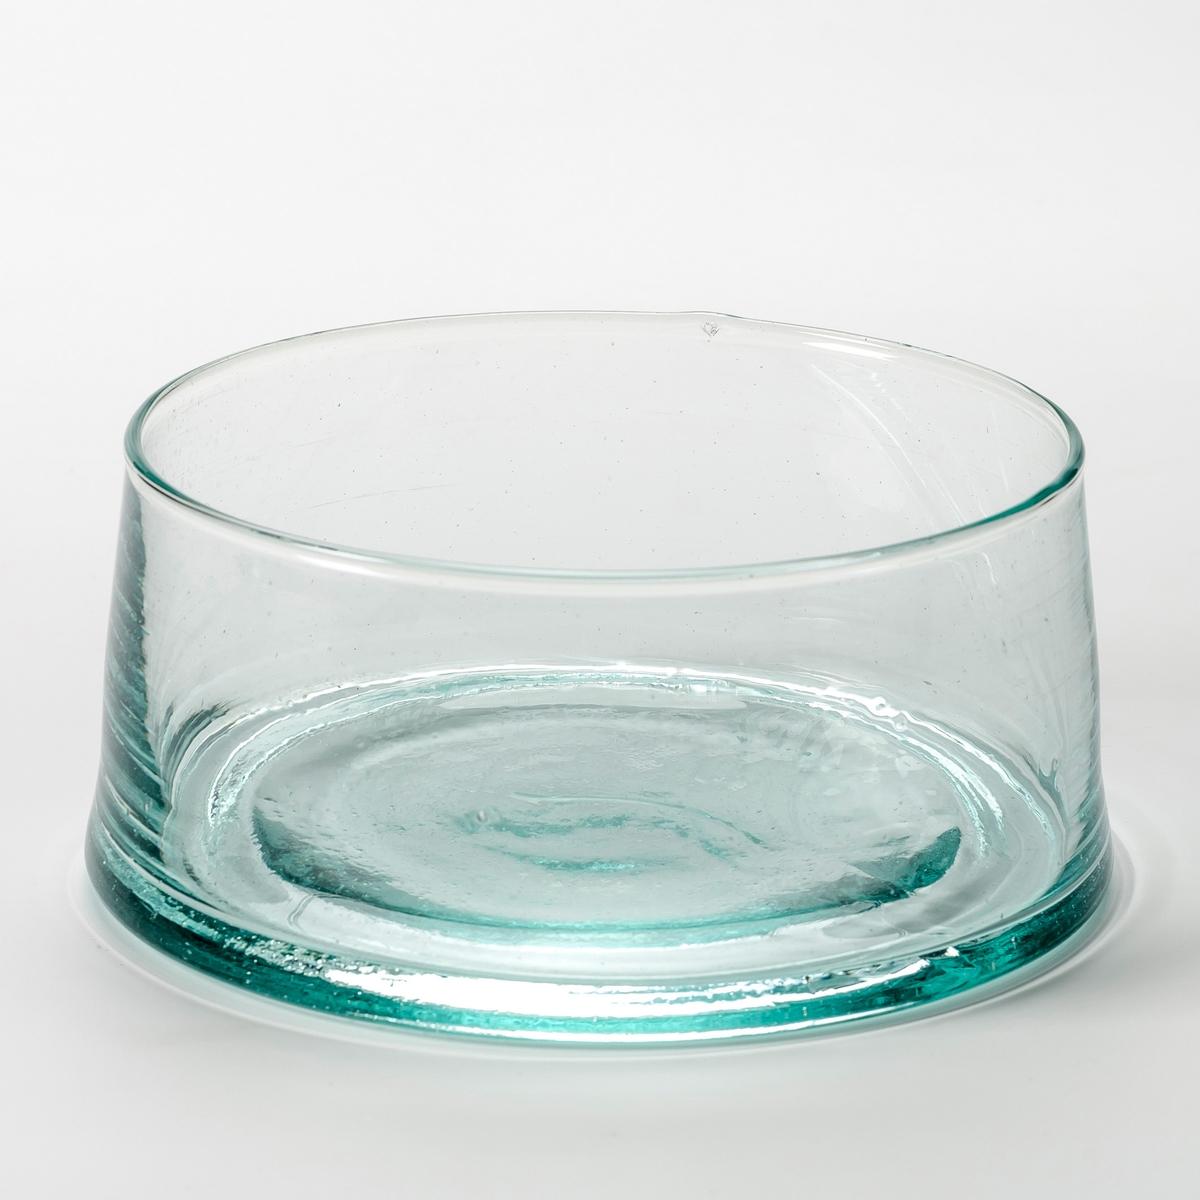 Салатница GimaniСалатница Gimani. Изготовлена с помощью техники выдувания, из переработанного стекла. Благодаря технике стеклодувов каждое изделие уникально. Размер. : ? верха 15, ? низа 17 x Выс. 7,5 см. Объём: 1,1 л. Можно использовать в посудомоечных машинах и микроволновых печах. Вы можете подобрать подходящие к салатнице стаканы и кувшин, которые продаются на нашем сайте.<br><br>Цвет: стеклянный прозрачный